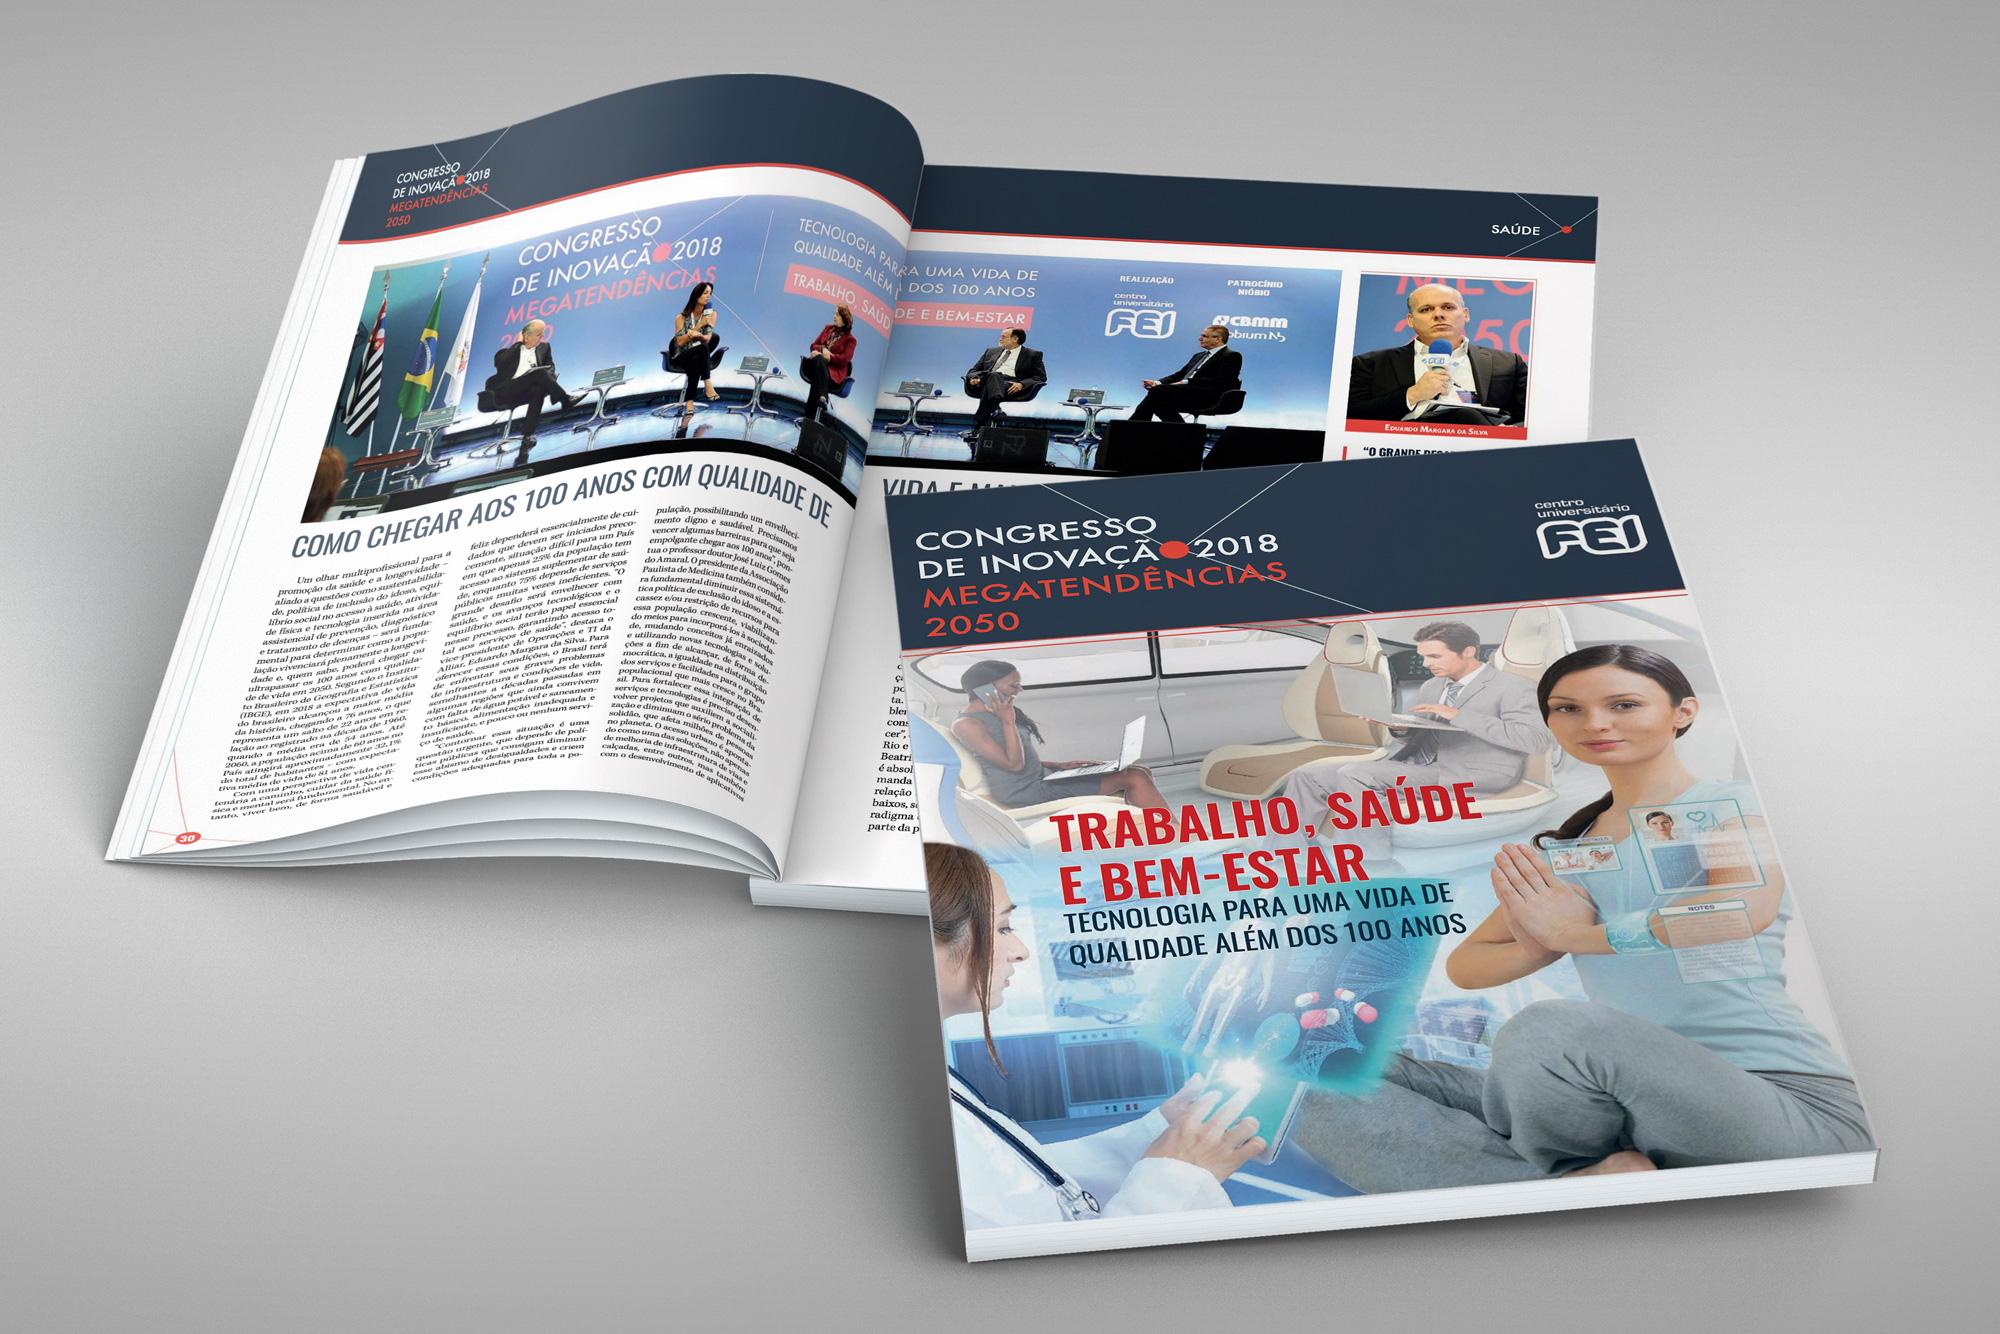 Revista do Congresso de Inovação 2018